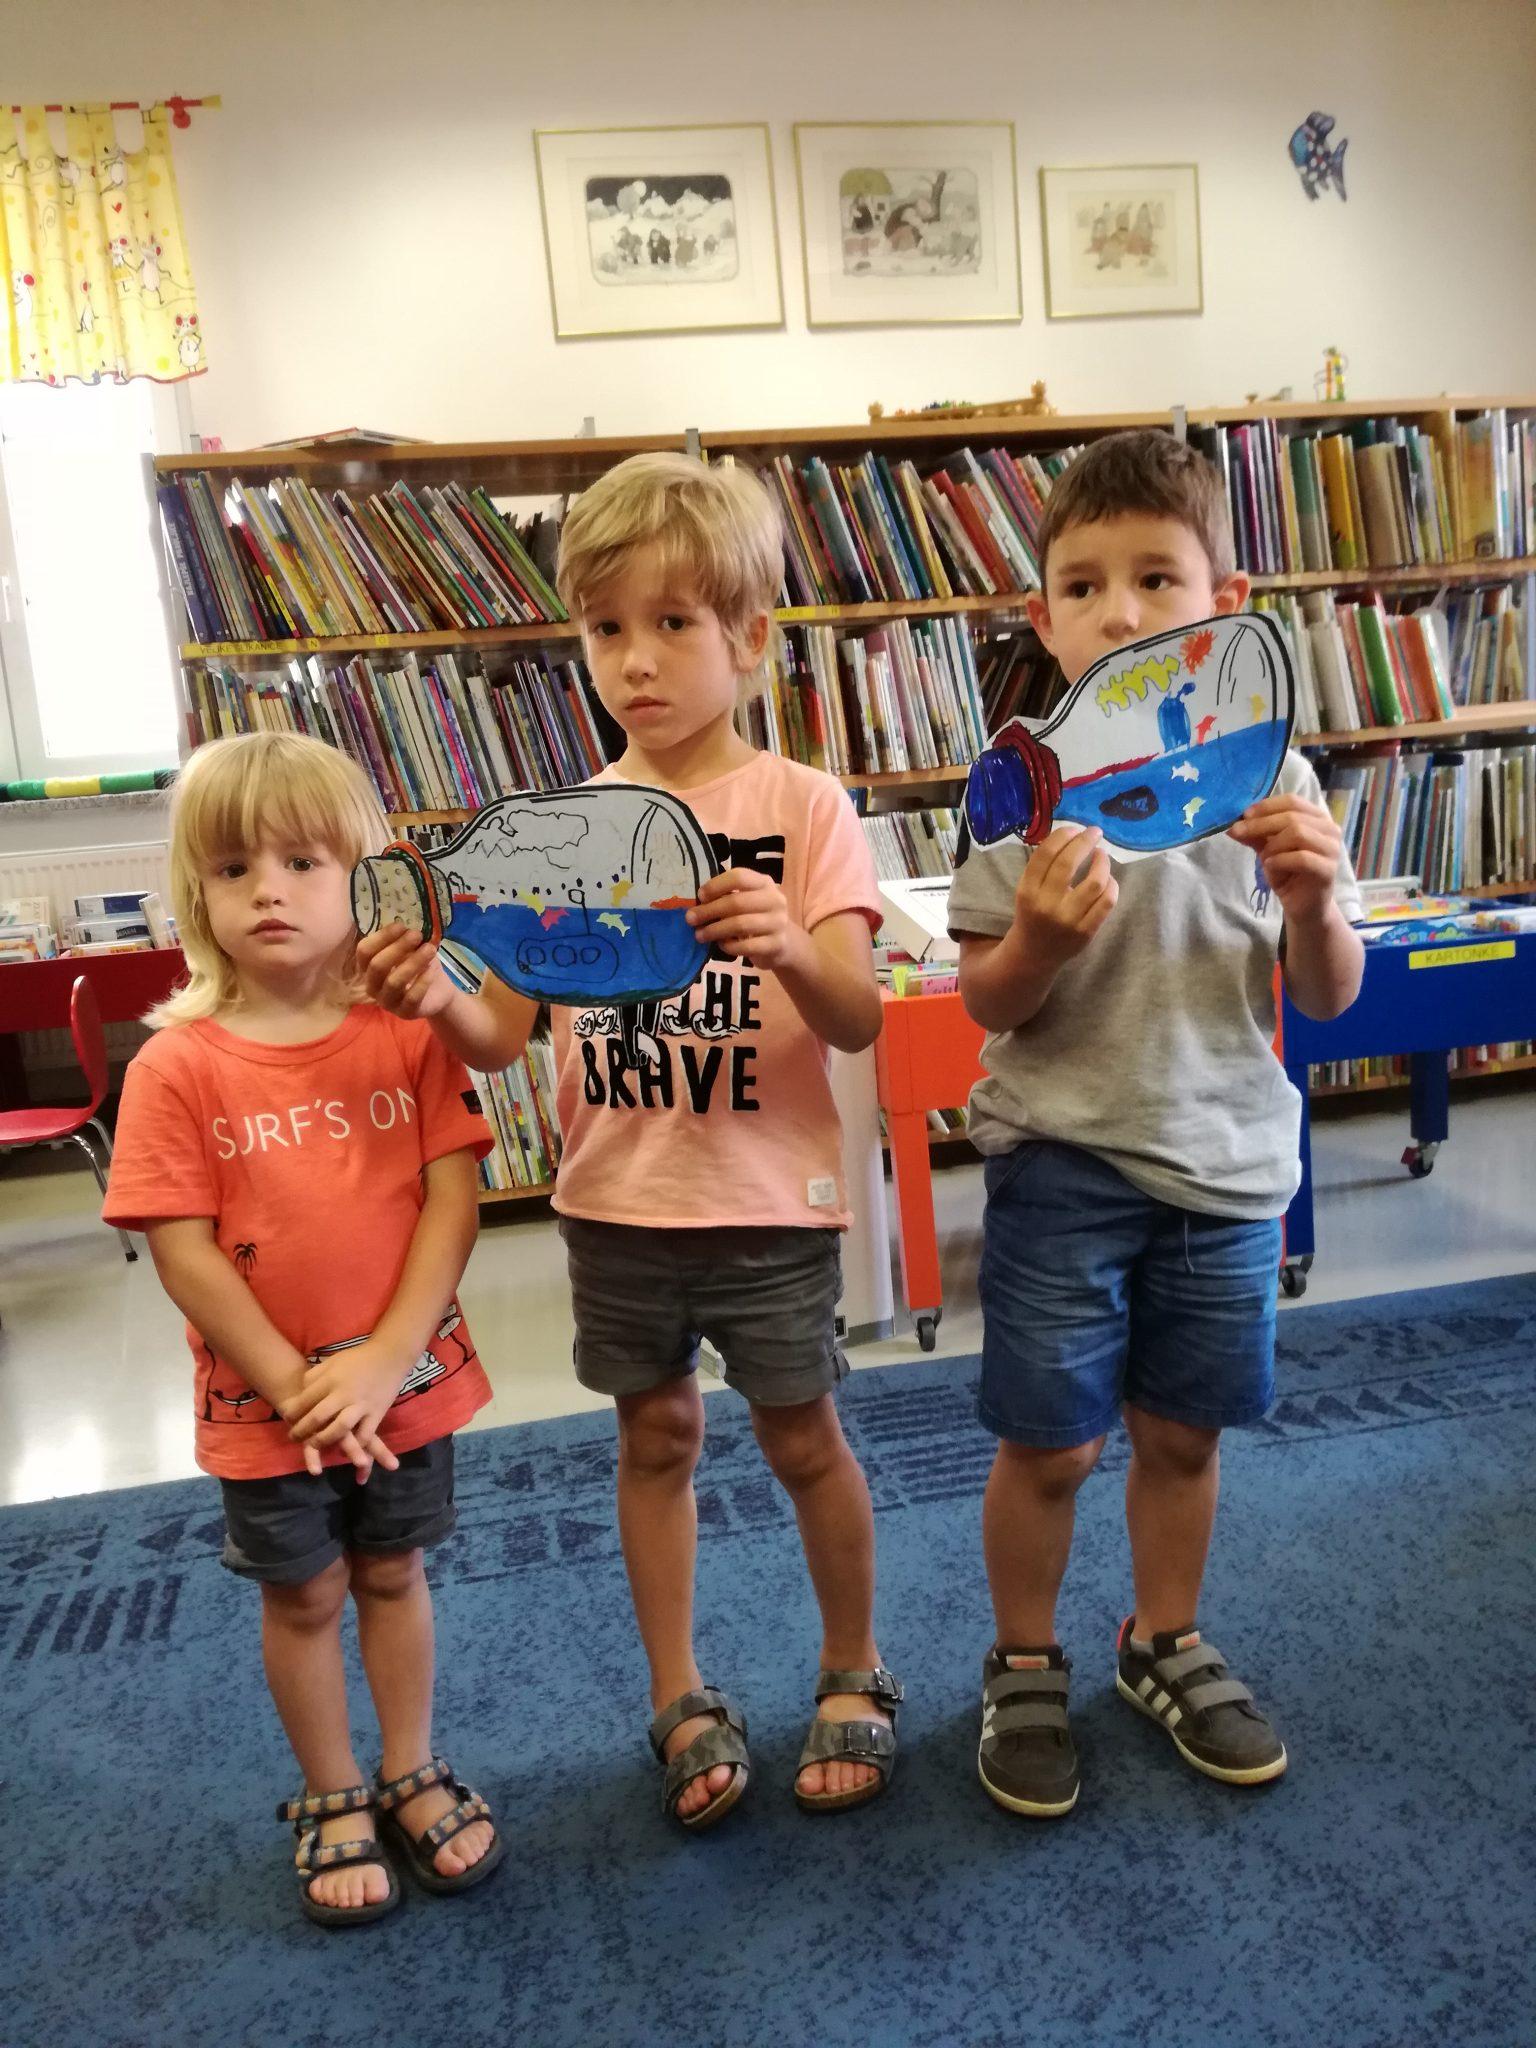 IMG 20180612 181155 - Ena modra pravljična urica z ustvarjalno delavnico za otroke od 4. leta dalje